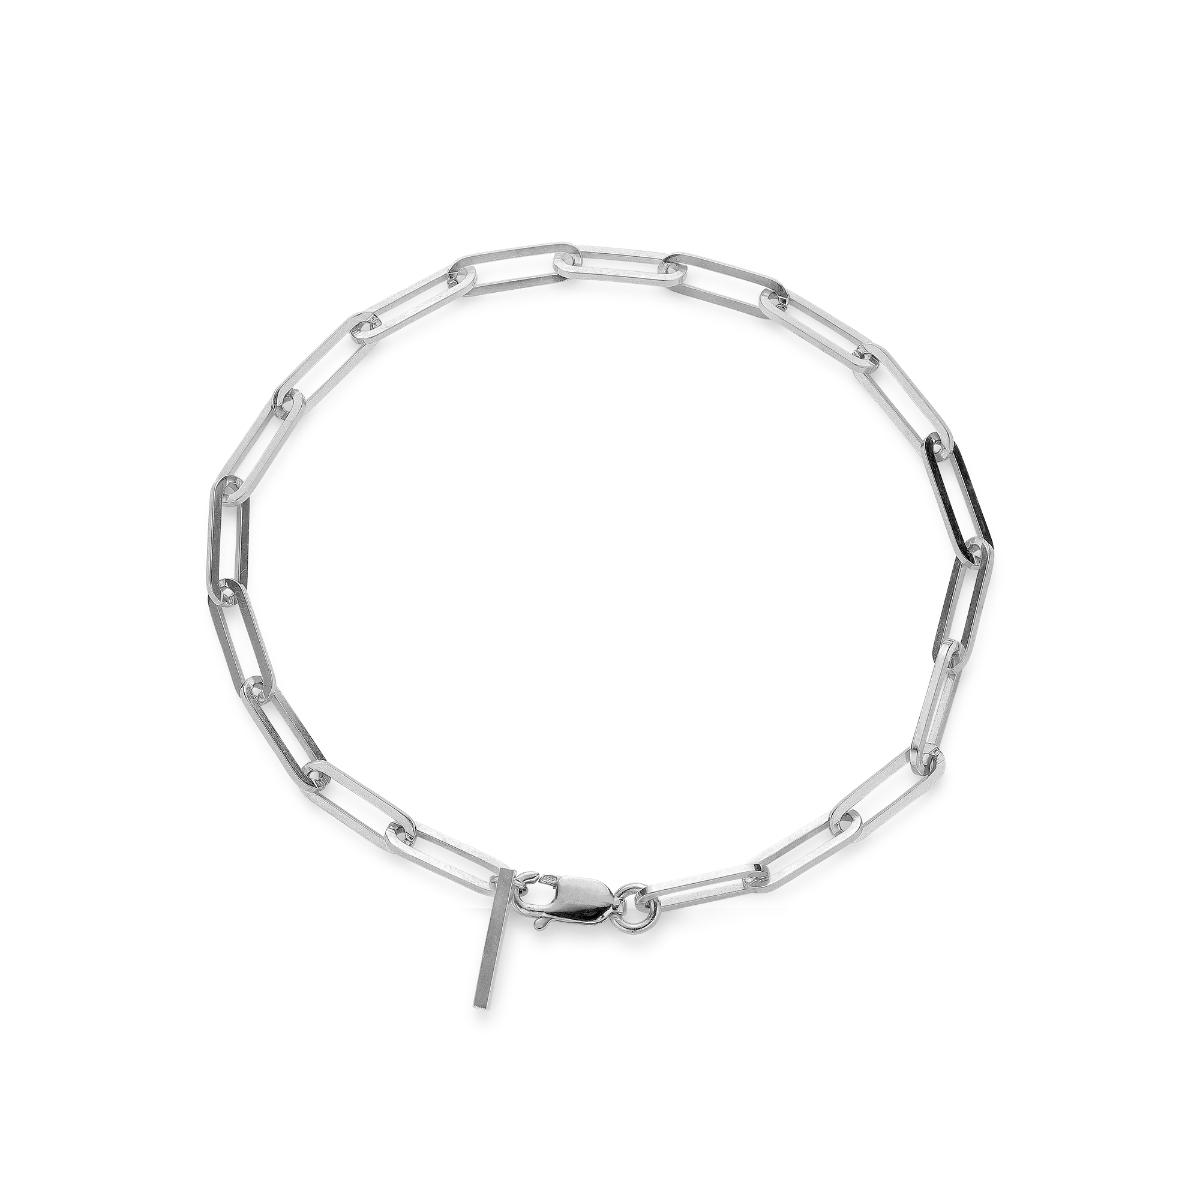 Jane Kønig Reflection Stretched armbånd, sølv